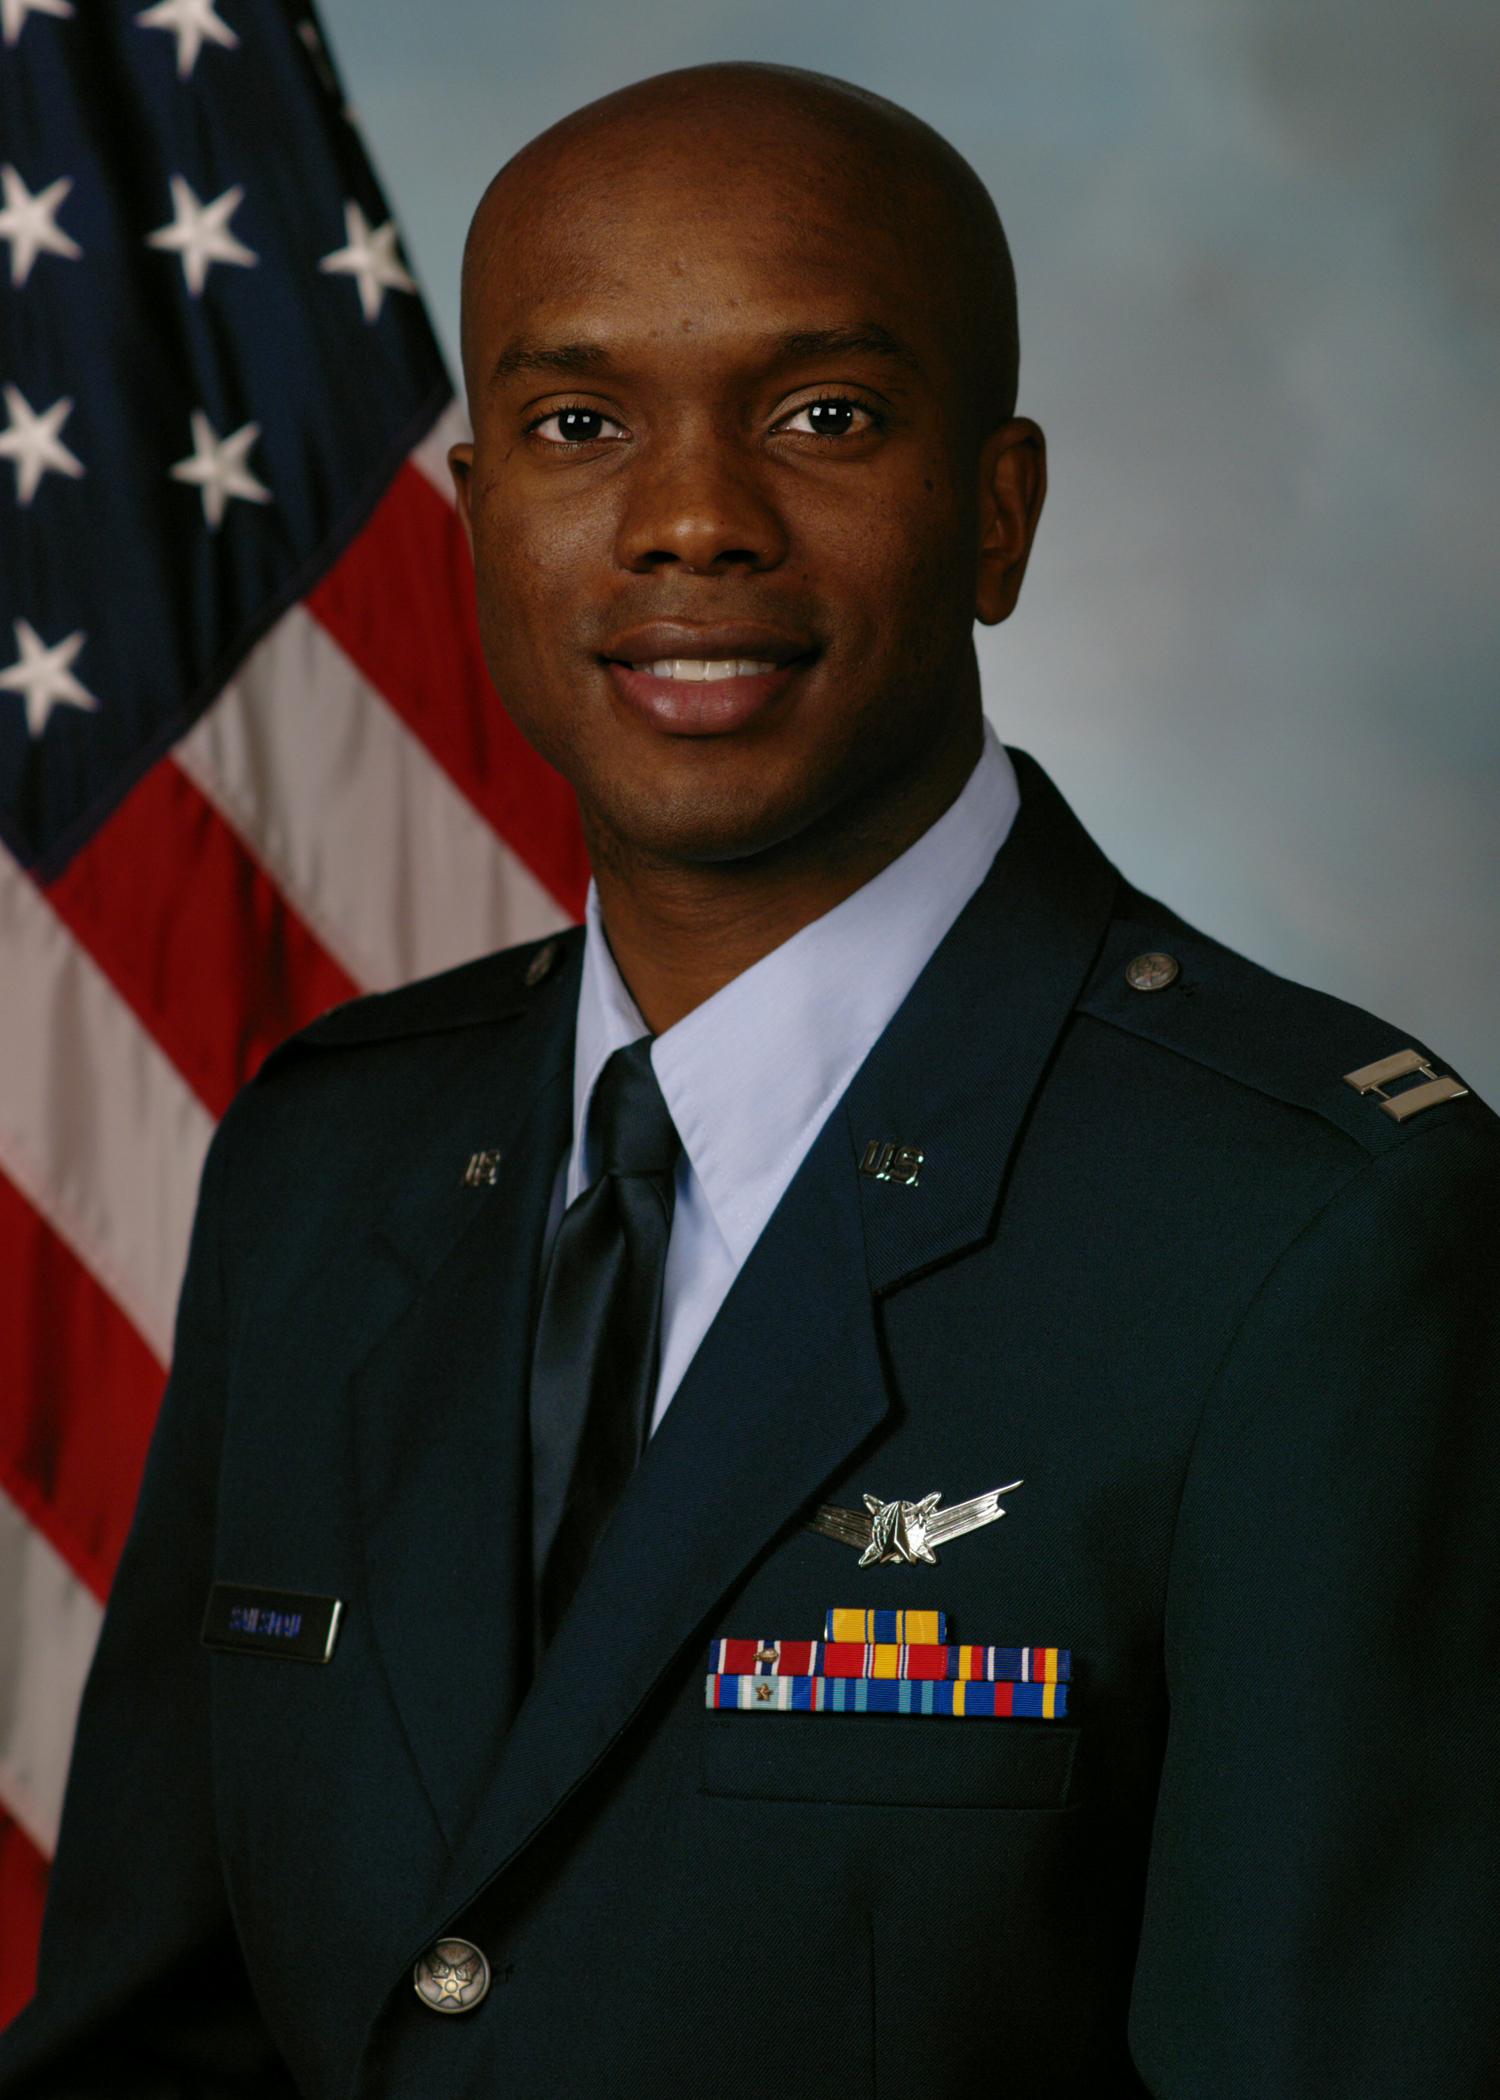 afrl researchers garner black engineer of year awards > air force hi res photo details